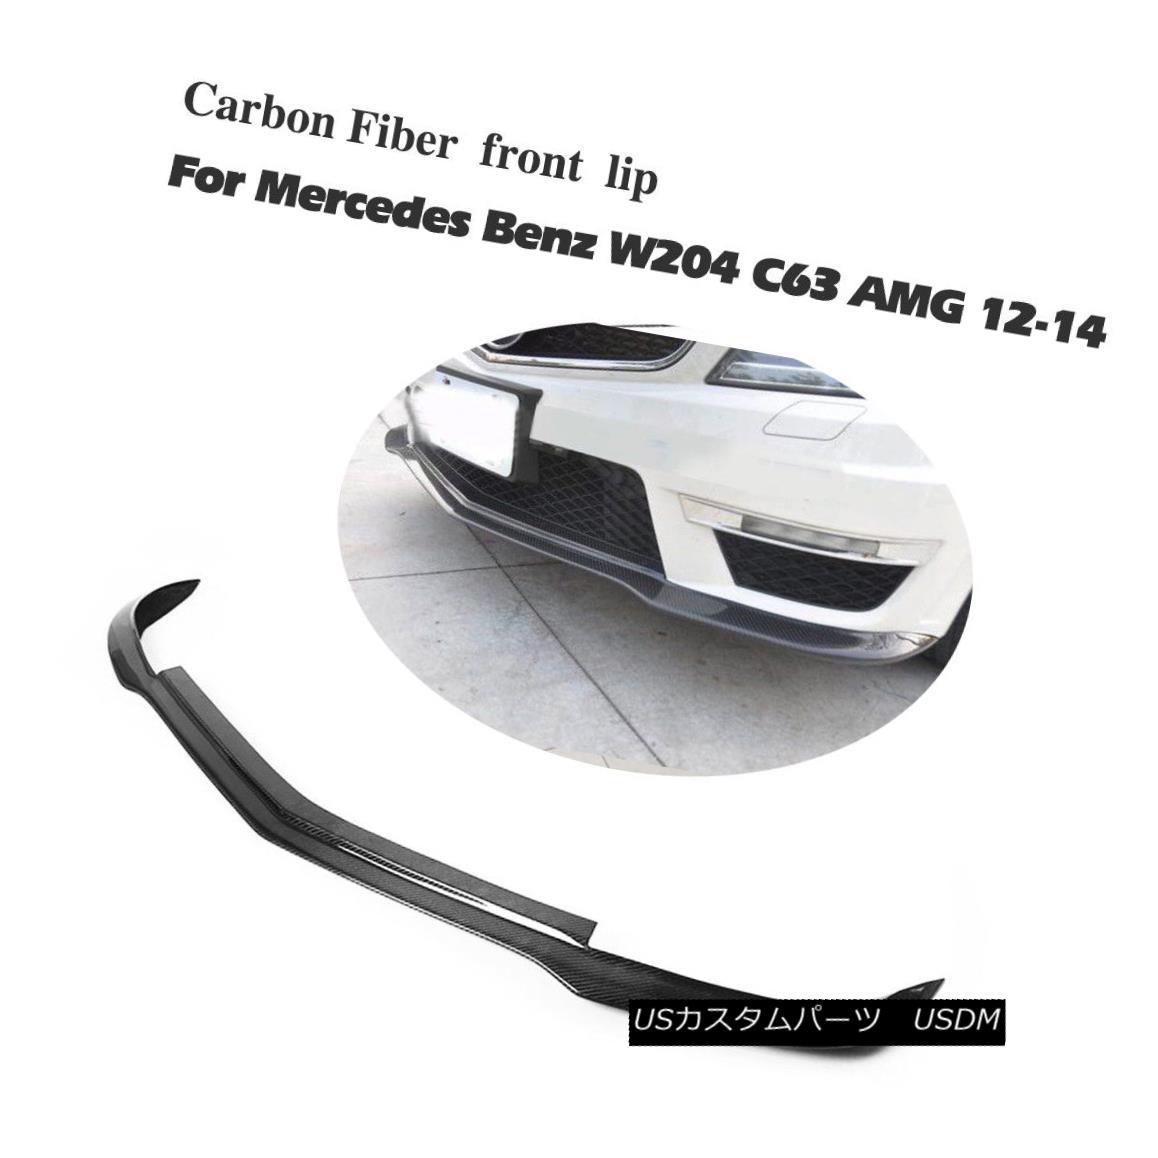 エアロパーツ Carbon Fiber Front Bumper Lip Spoiler Fit For Mercedes Benz W204 C63 AMG 12-14 カーボンファイバーフロントバンパーリップスポイラーフィットメルセデスベンツW204 C63 AMG 12-14